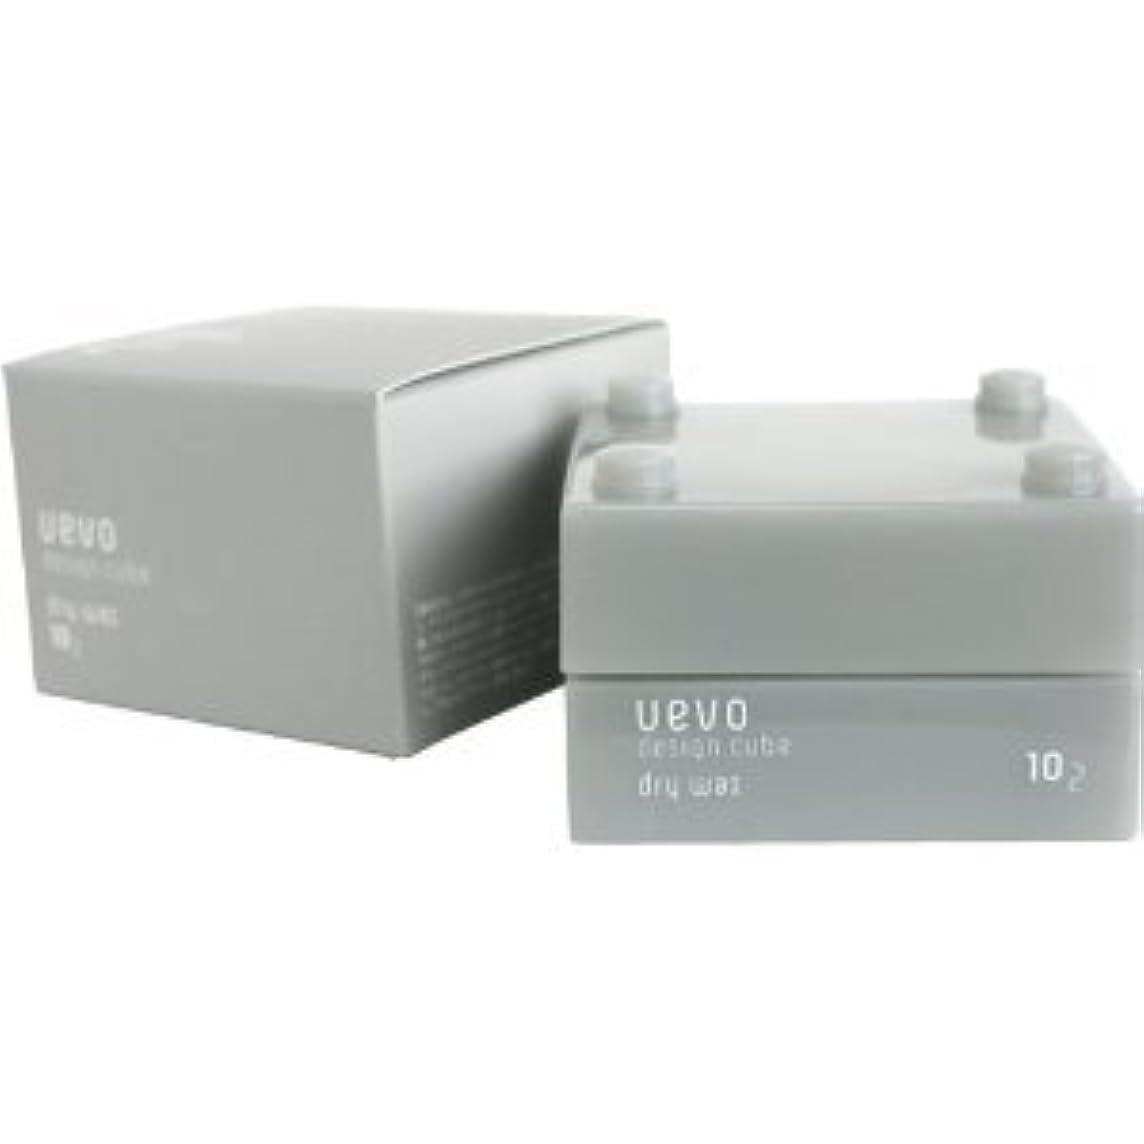 体現する目指す訪問【X2個セット】 デミ ウェーボ デザインキューブ ドライワックス 30g dry wax DEMI uevo design cube